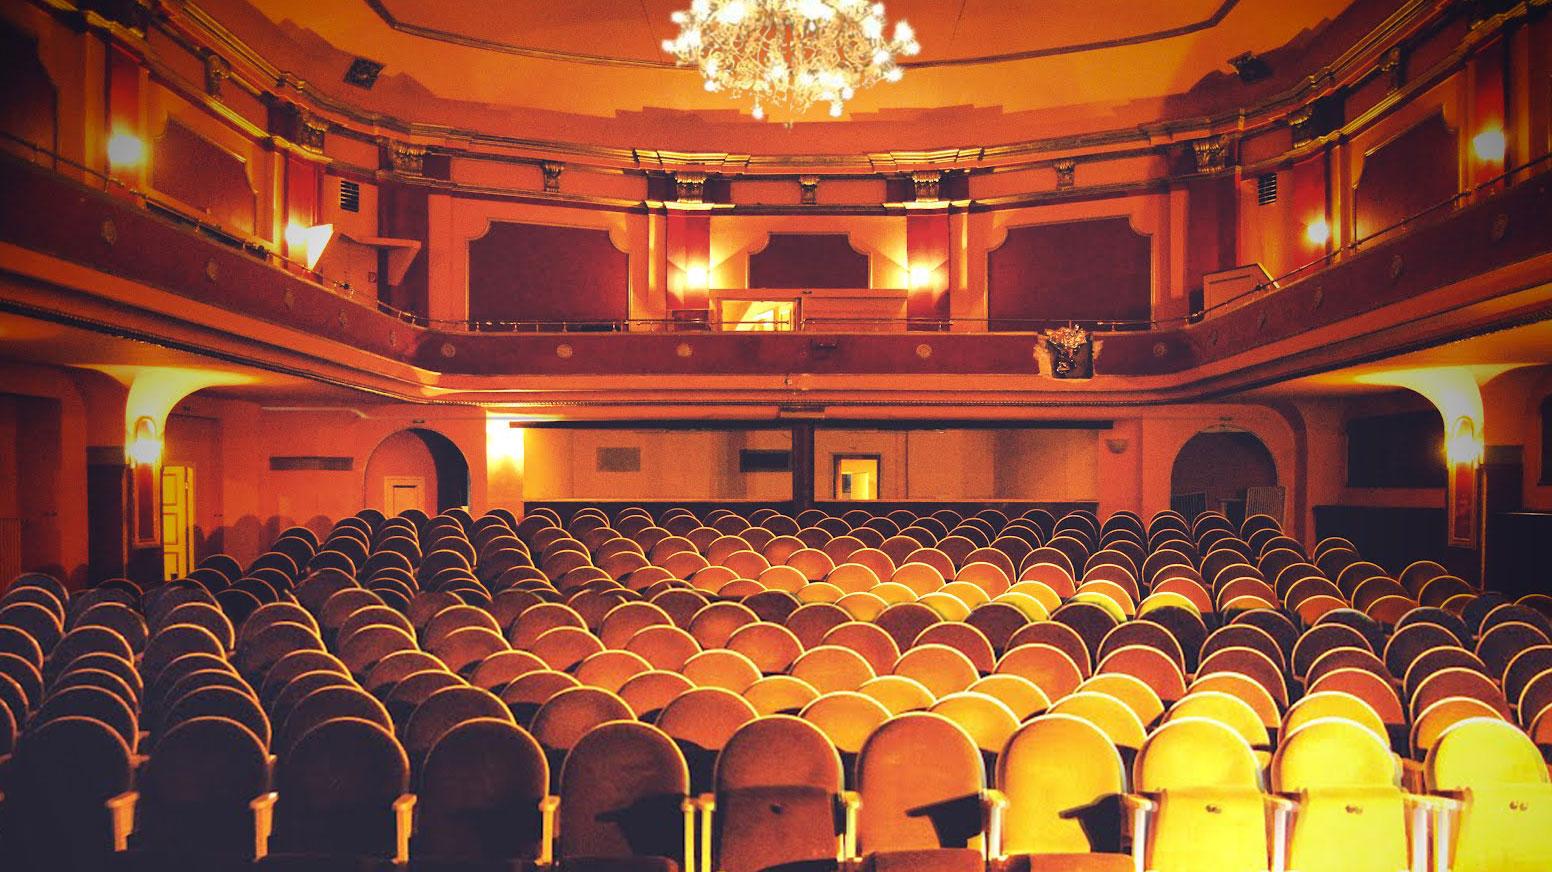 Hansa Theater